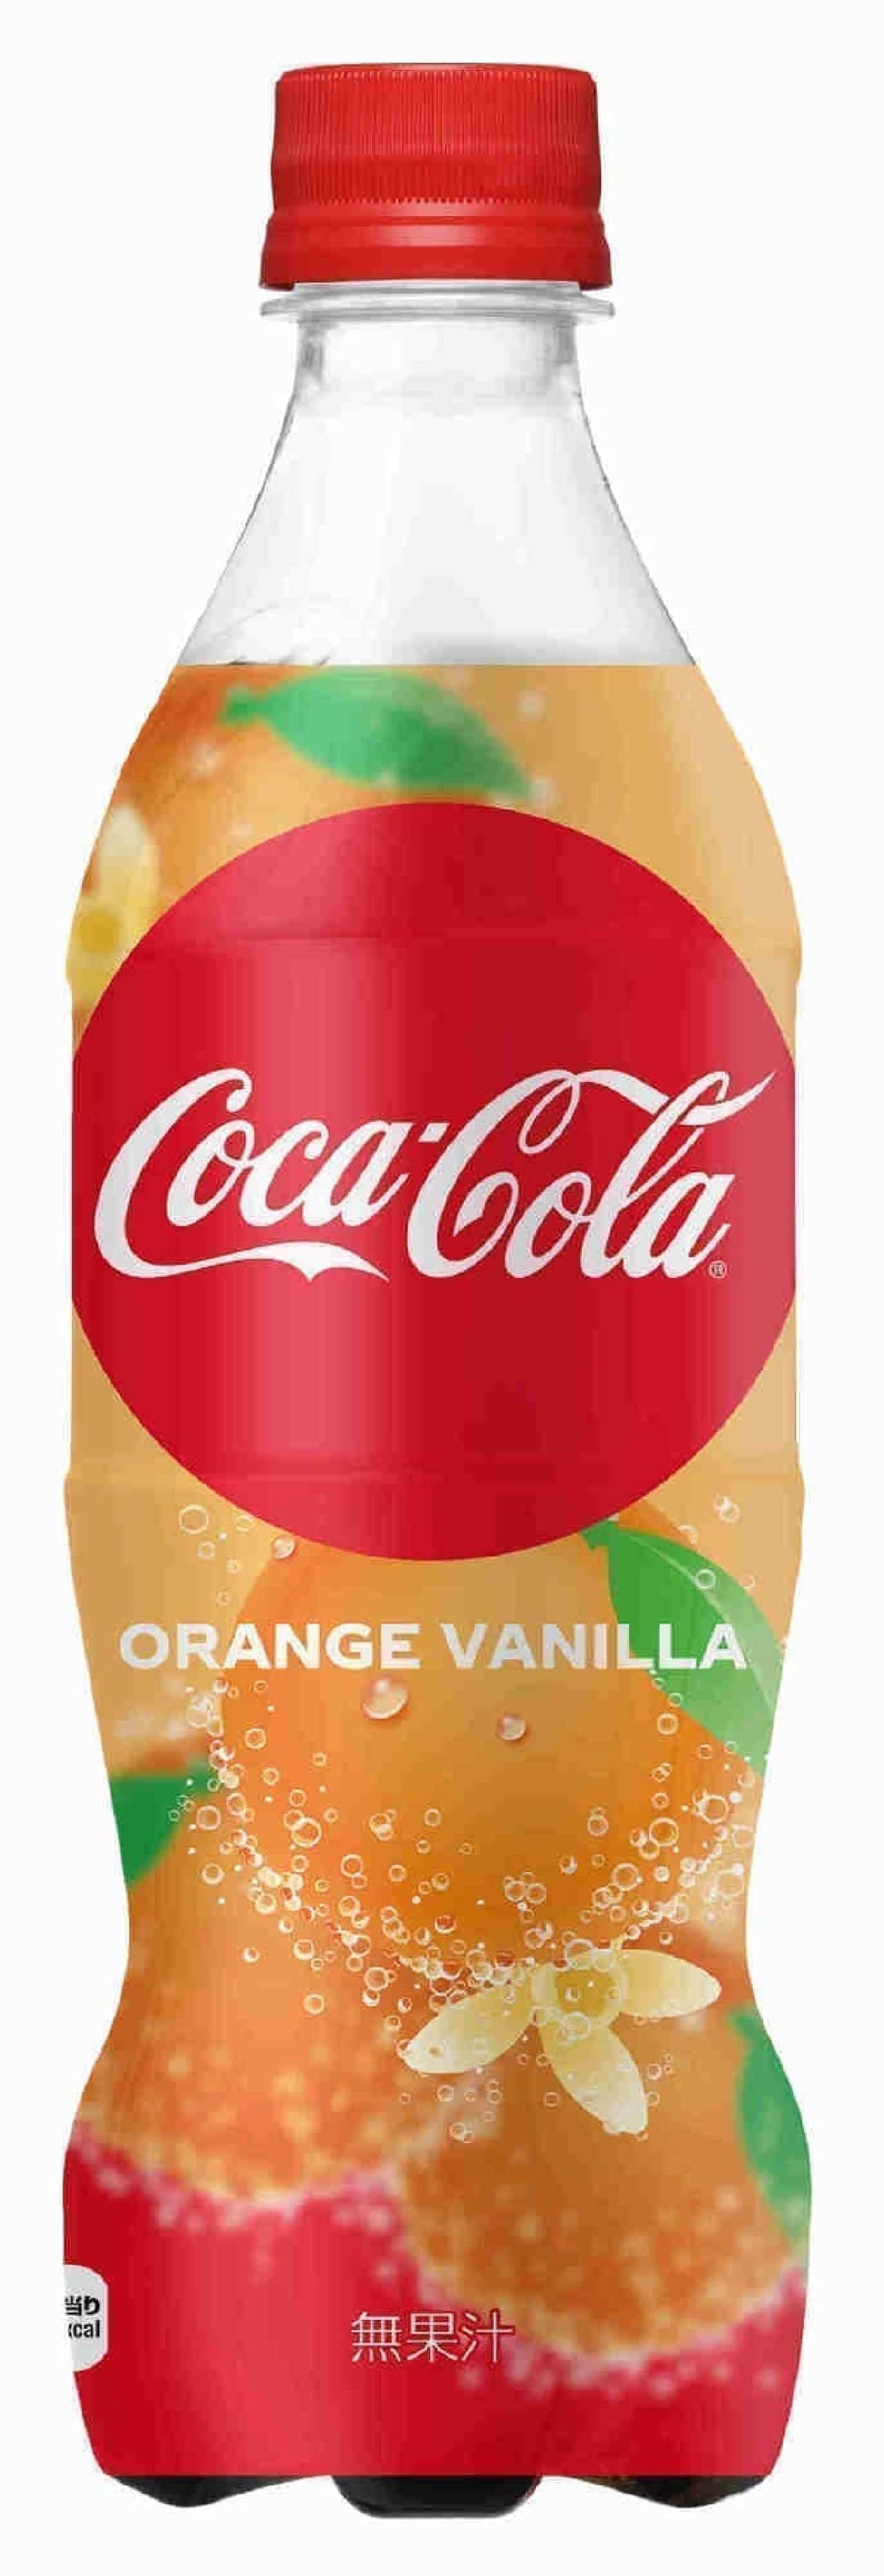 コカ・コーラに「オレンジバニラ」味